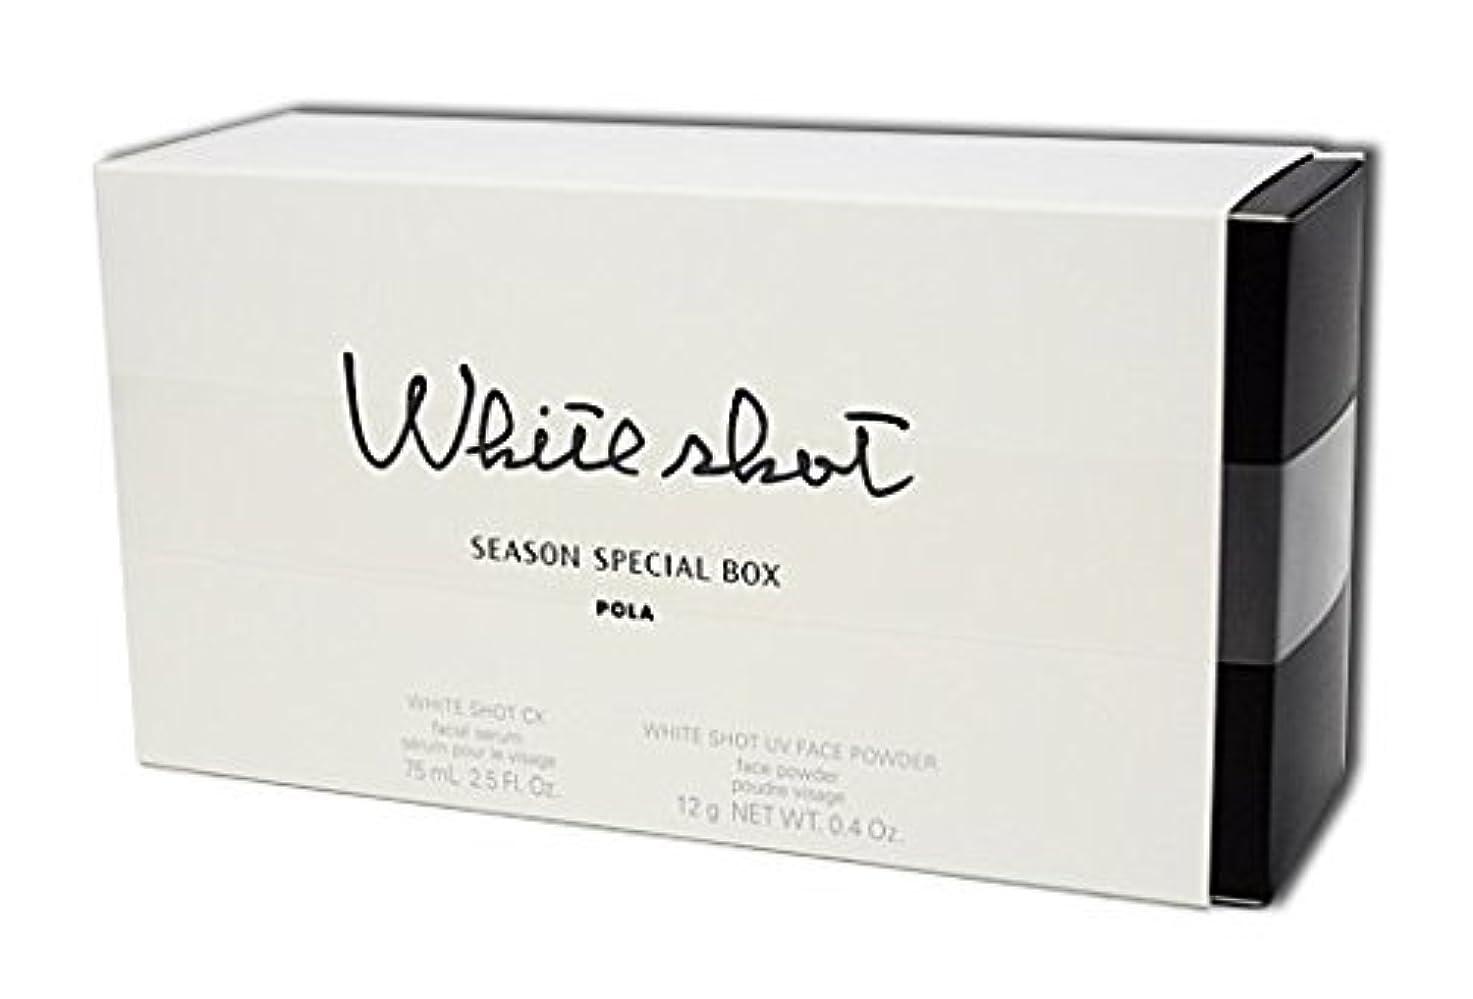 せせらぎモンキーベックスポーラ(POLA) ホワイトショット CX シーズンスペシャルボックス 医薬部外品 [並行輸入品]